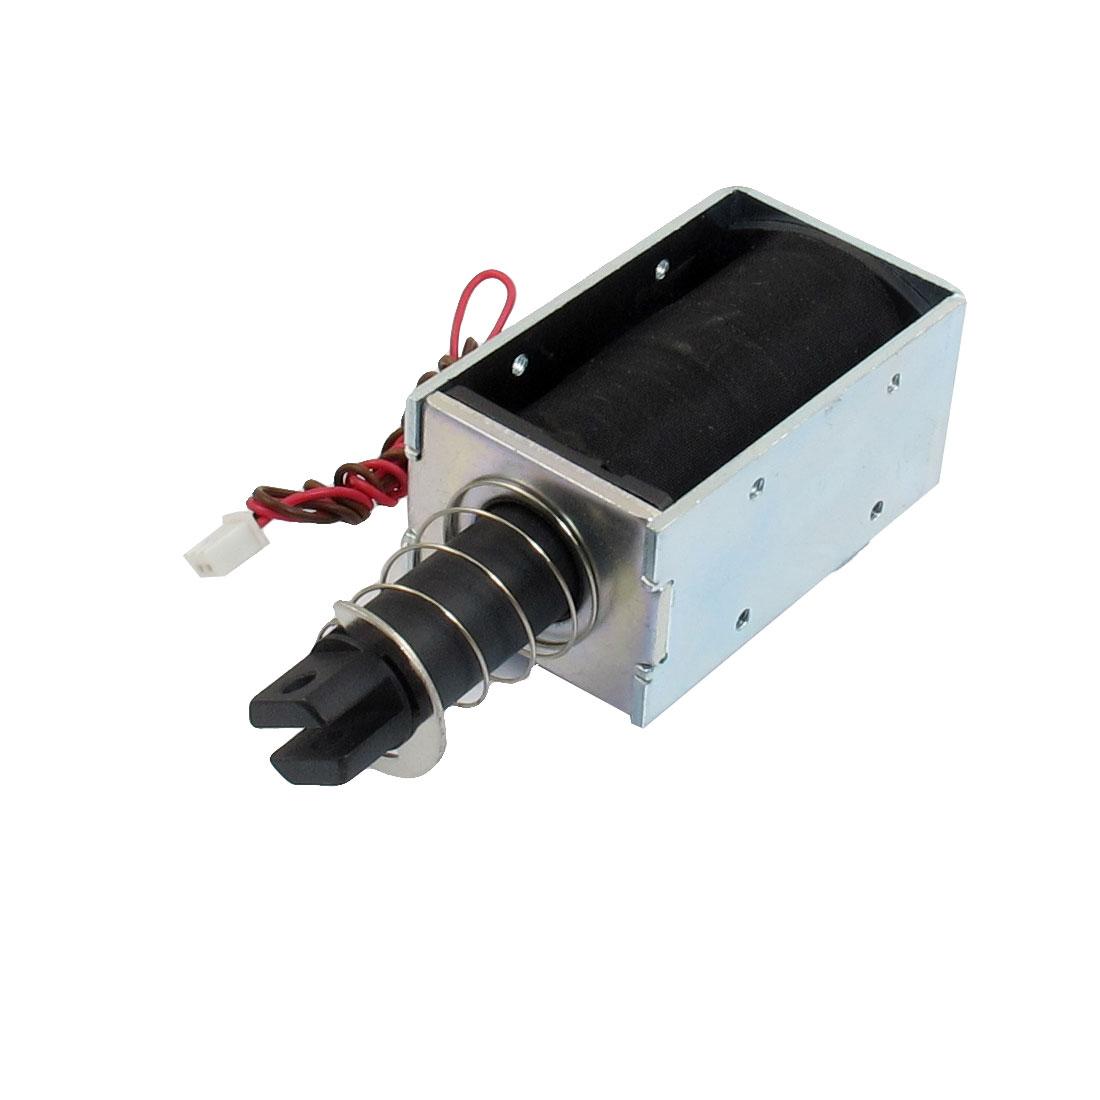 DC 12V 0.96A 100GF Force 19mm Stroke Solenoid Electromagnet